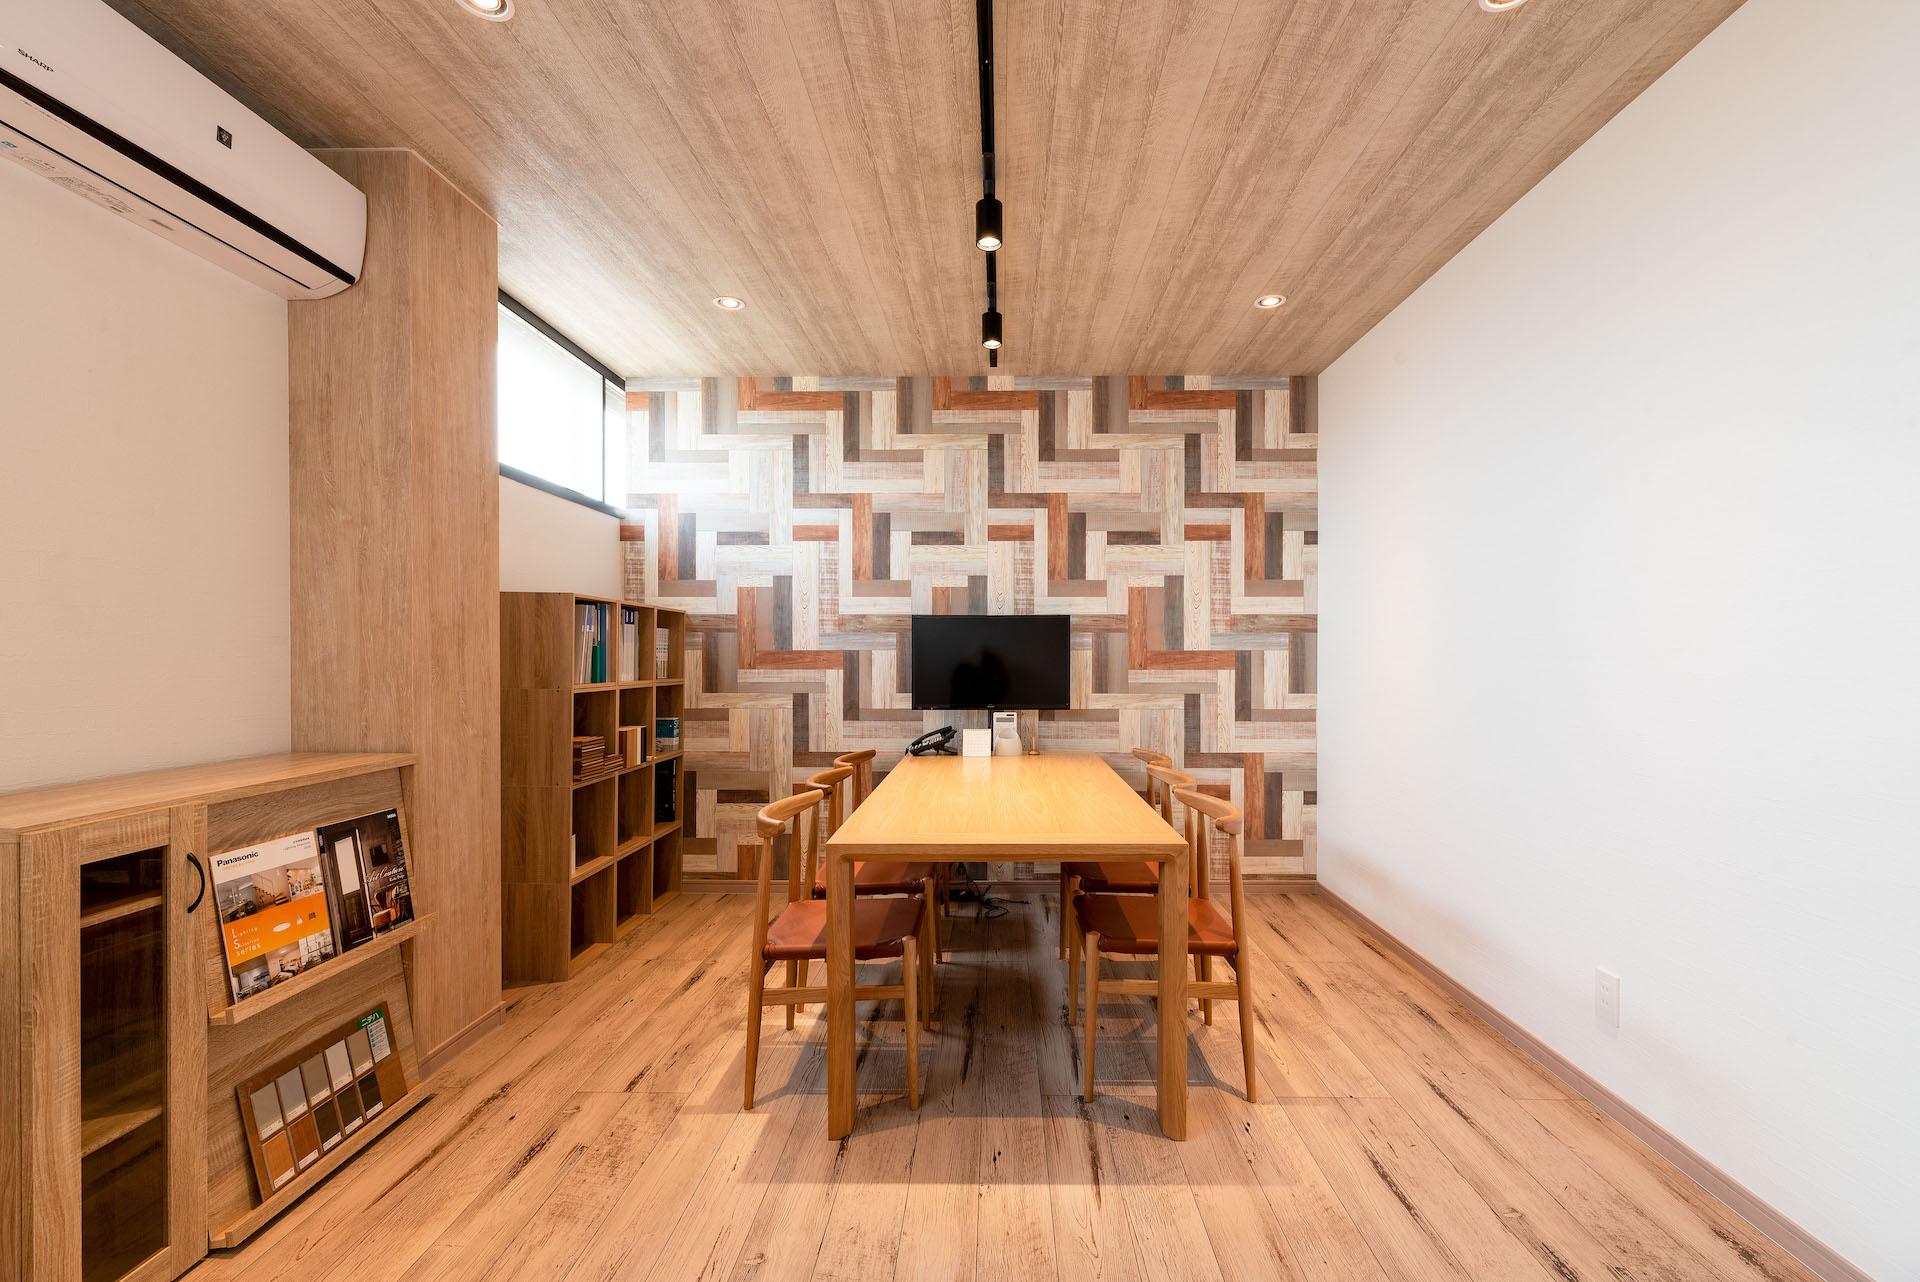 irohaco (アヴァンス)【駿東郡清水町堂庭241-22・モデルハウス】デザインテイストが異なる打ち合わせルームが2つ用意されている3階フロア